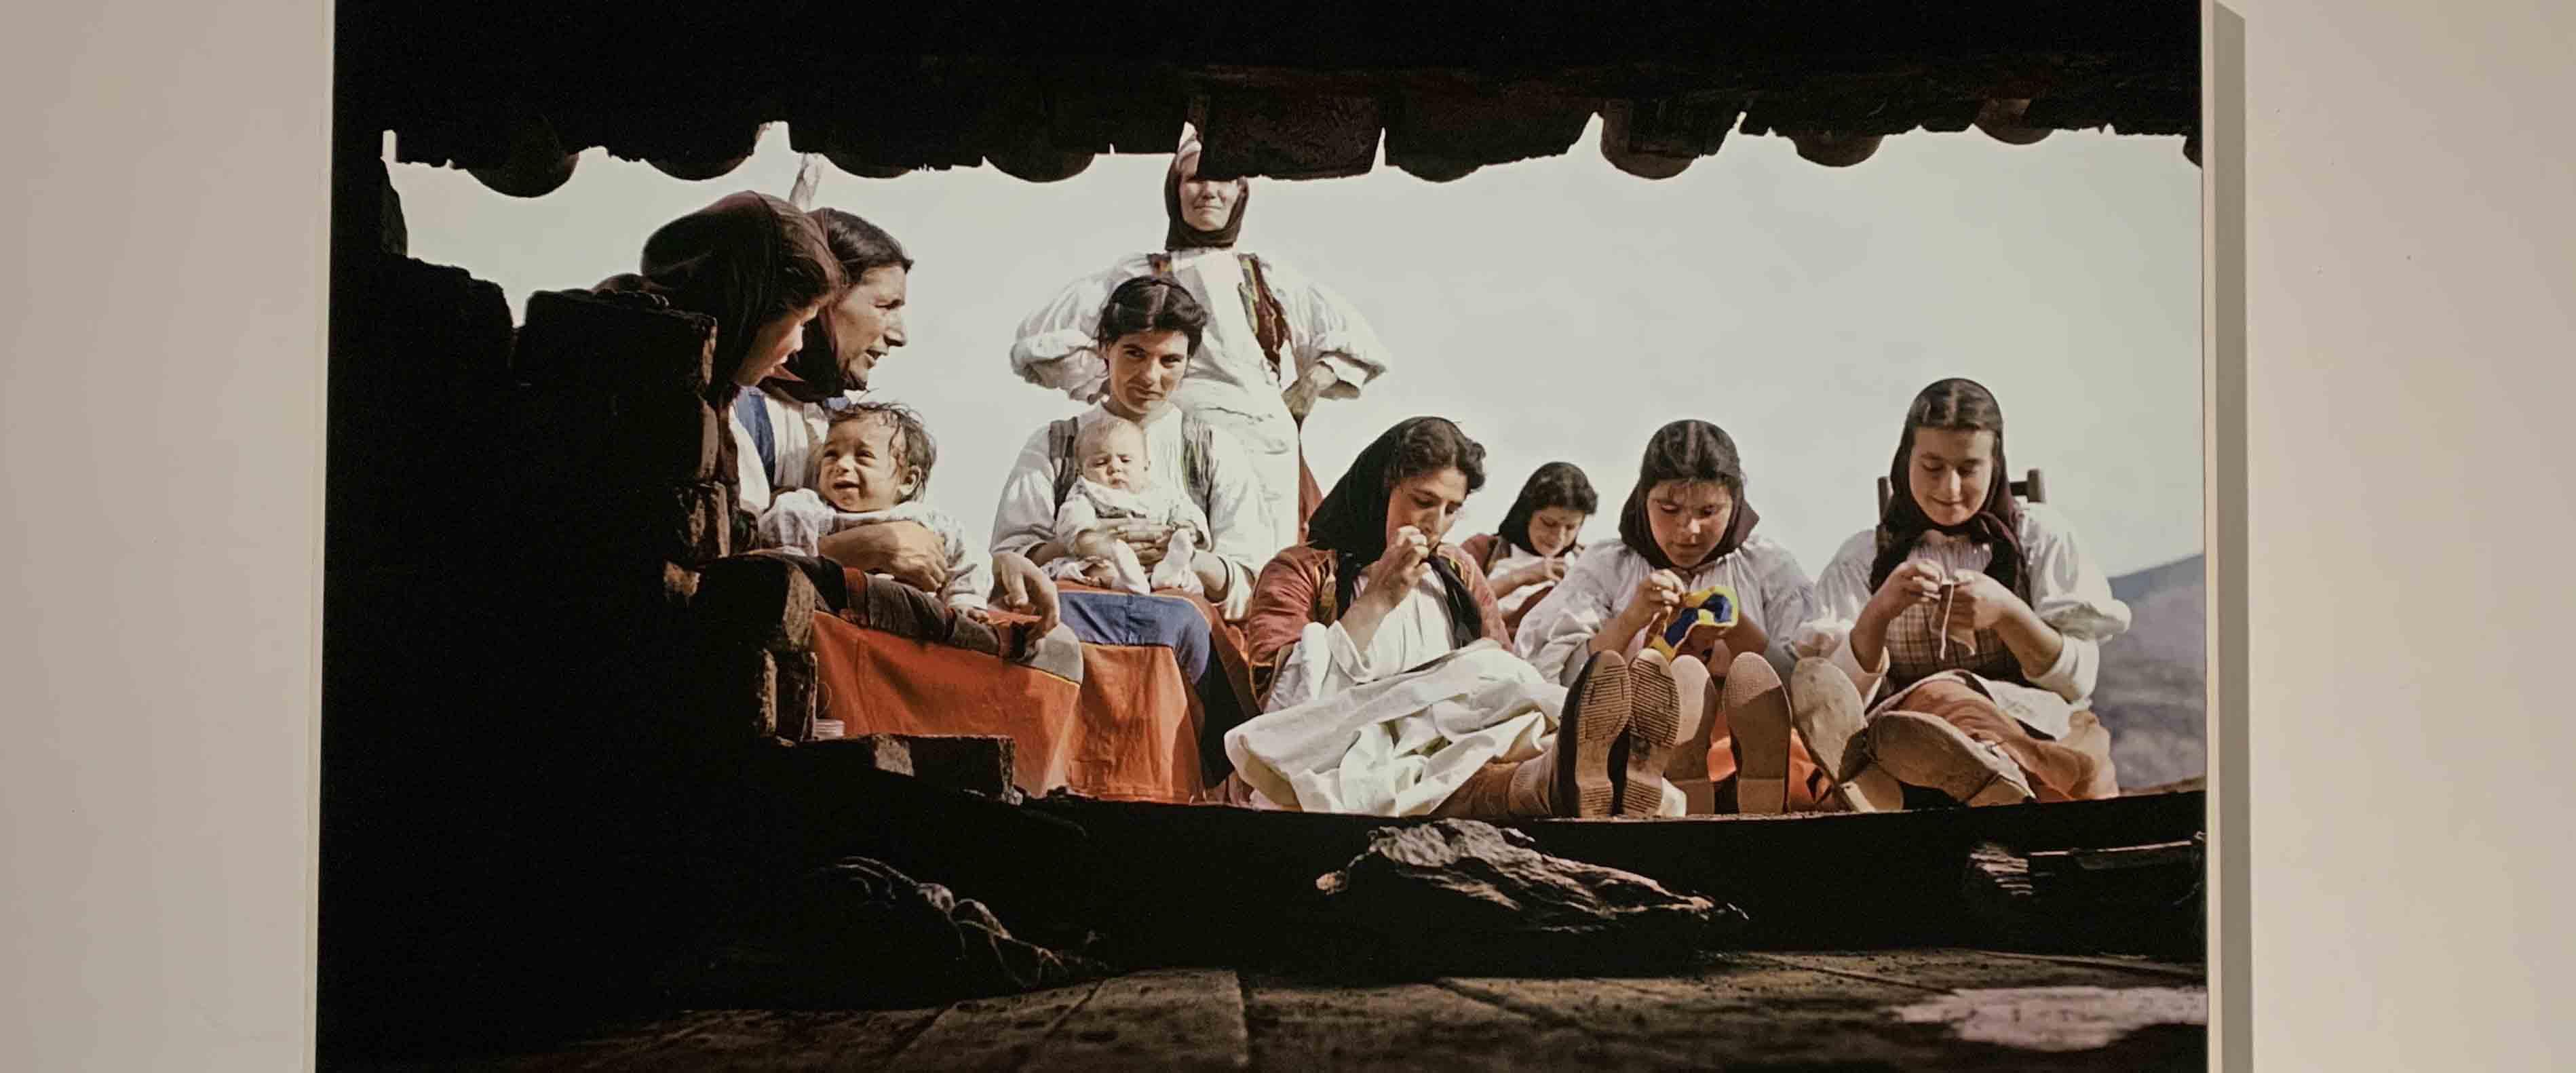 Donne di Desulo, regine in abito tradizionale rosso